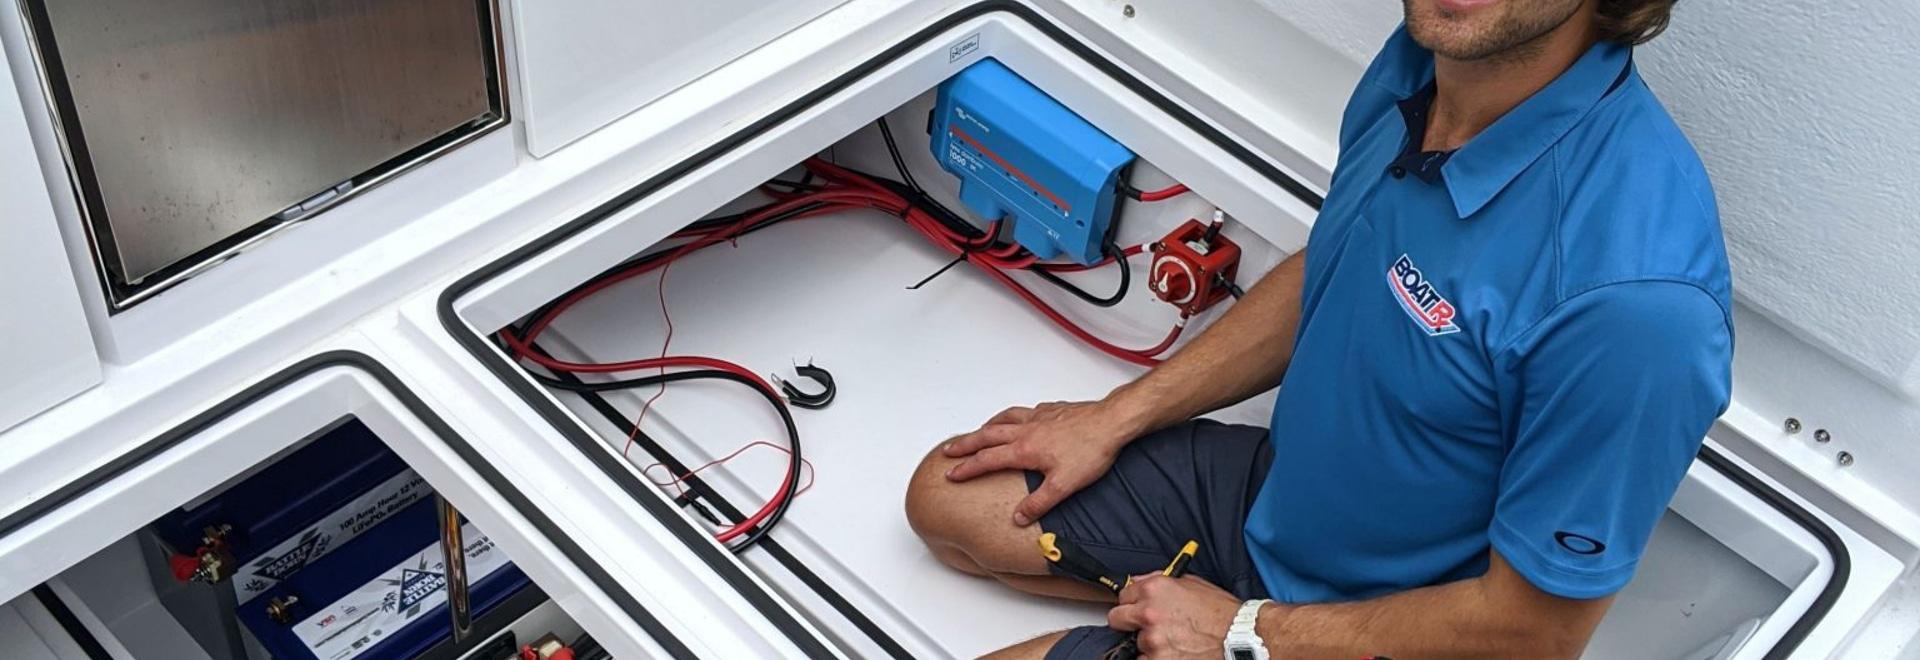 DC-Klimaanlage - Komfort auf dem Wasser, kein Generator erforderlich